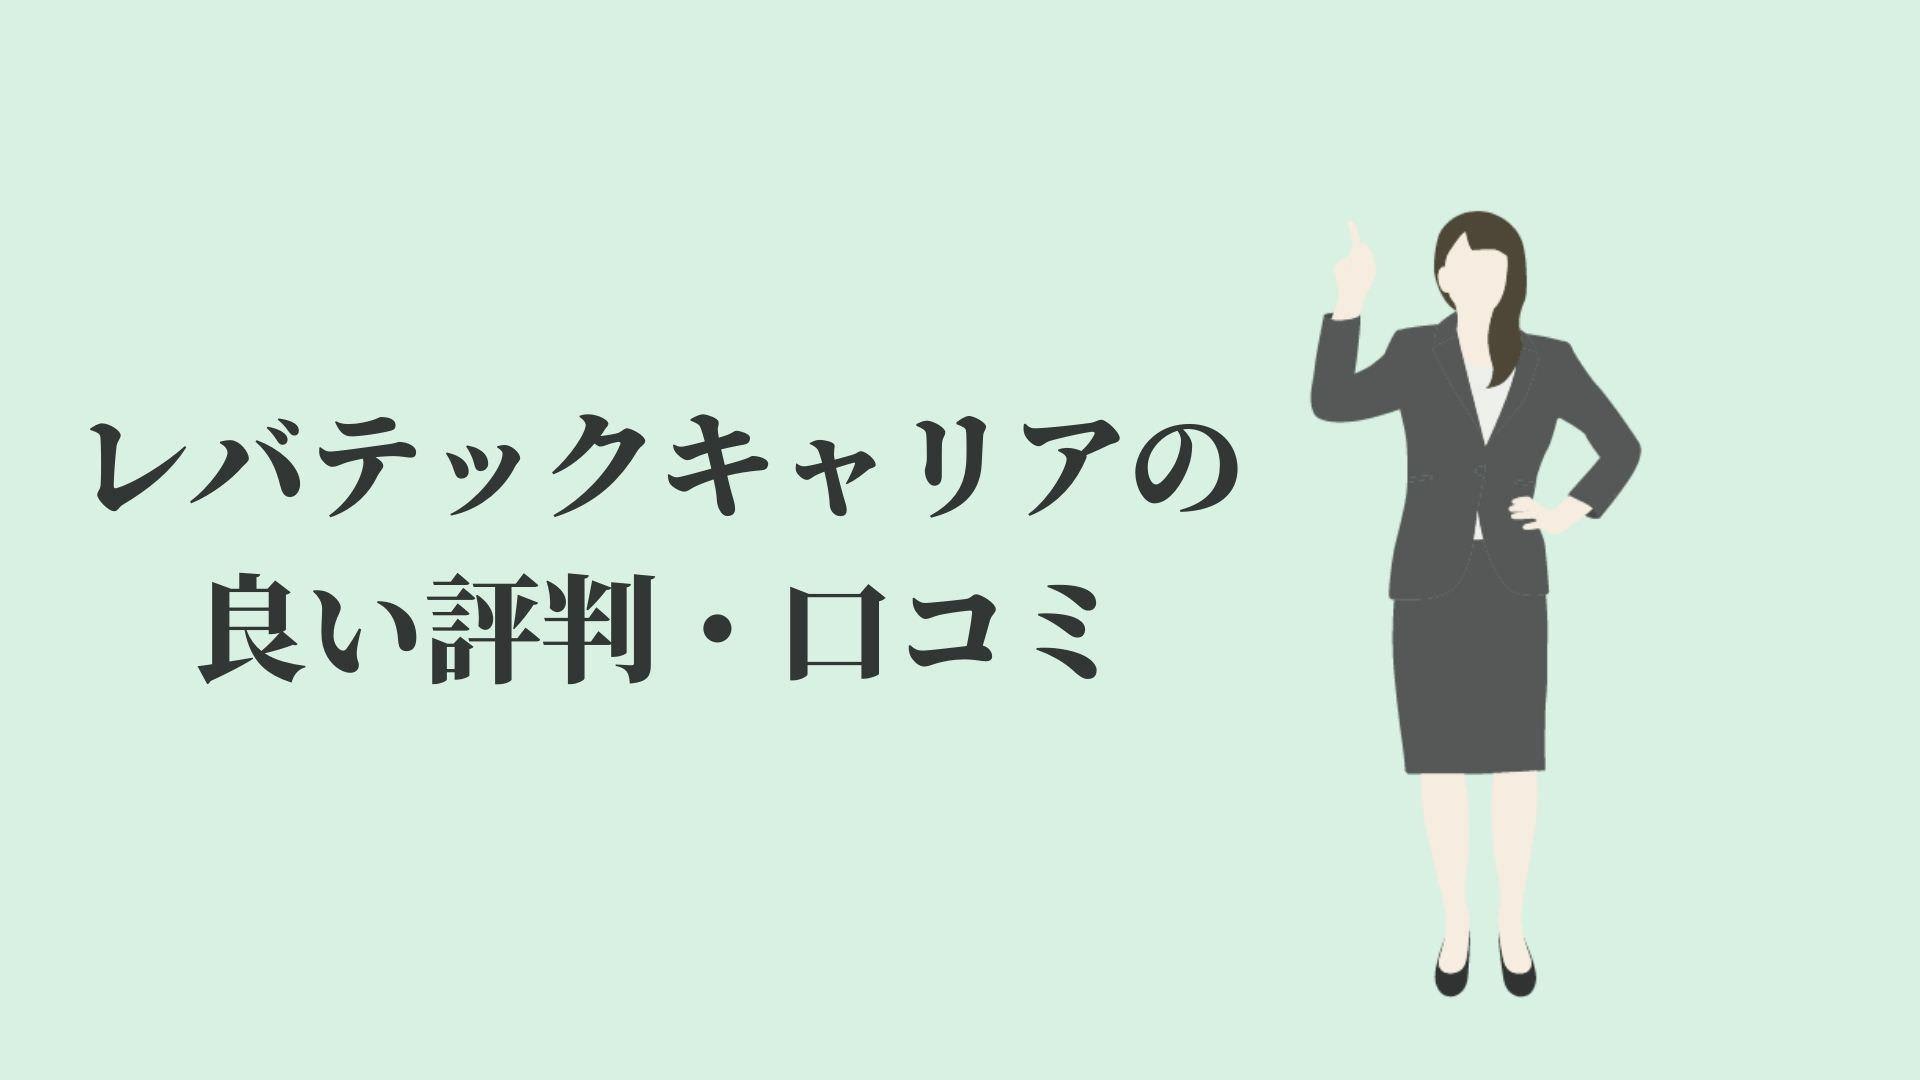 レバテックキャリアの良い評判・口コミ